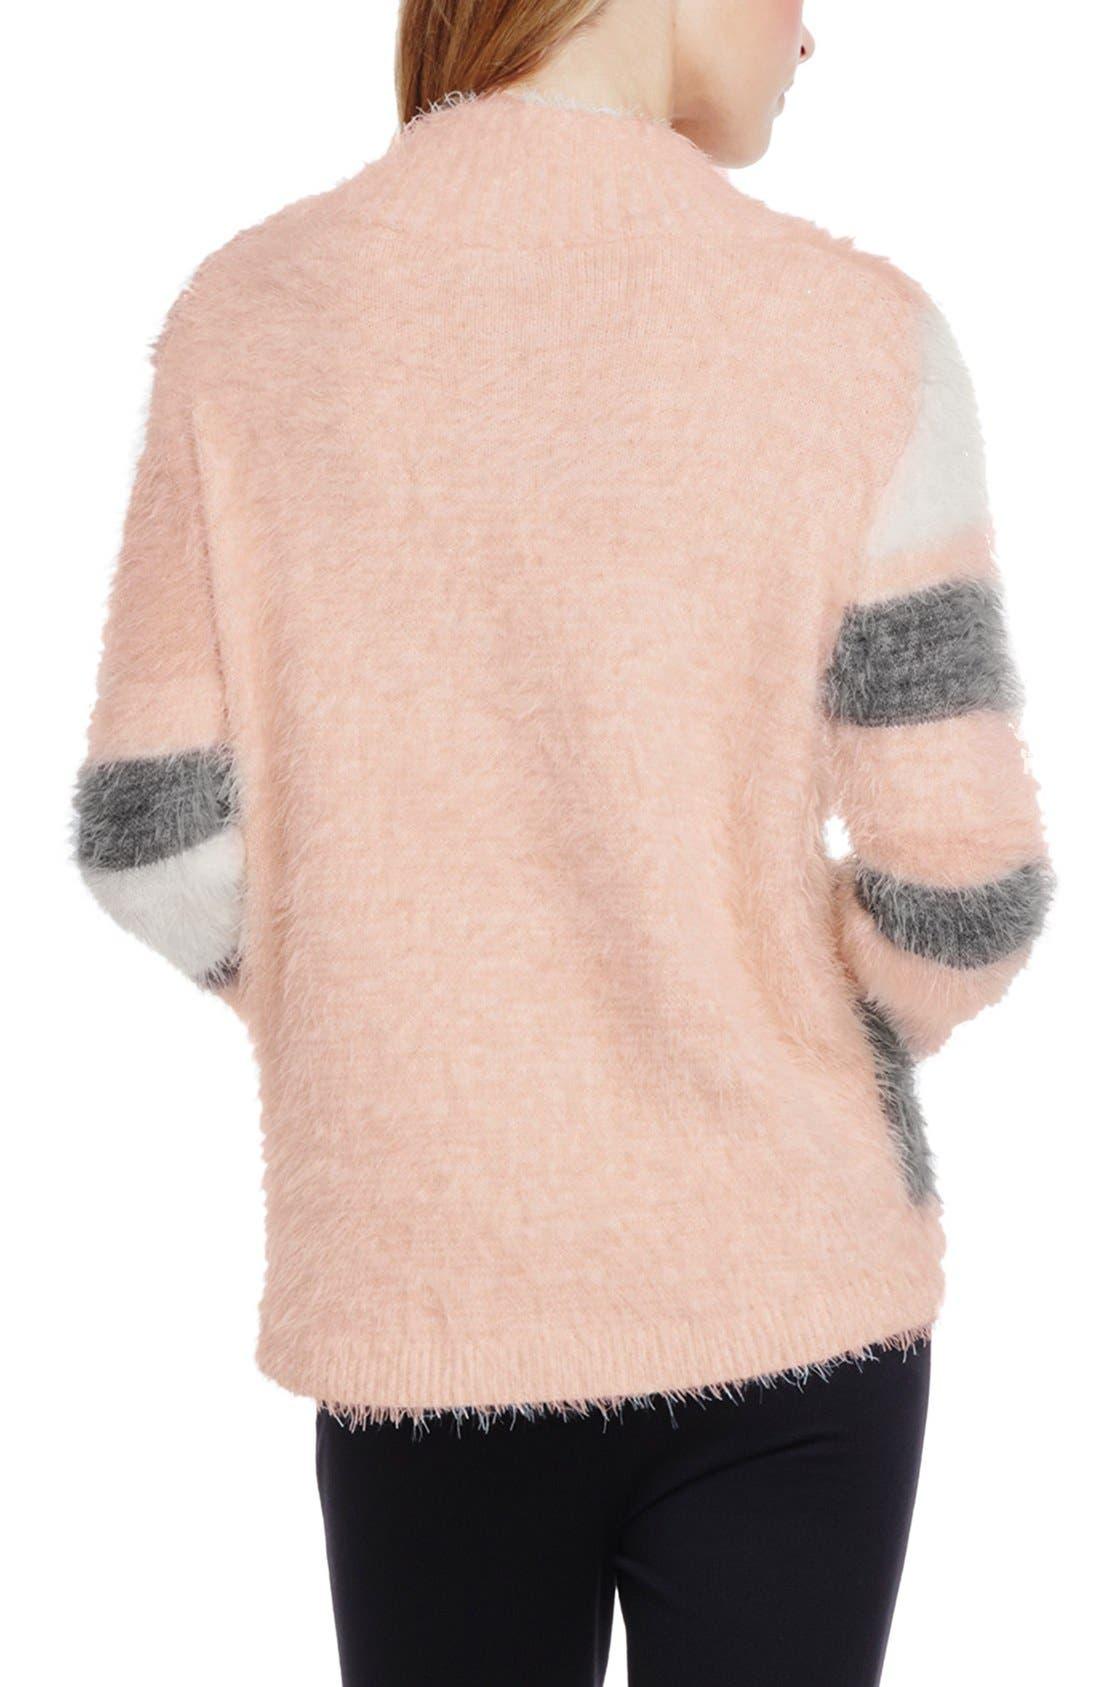 Alternate Image 3  - Vince Camuto Mixed Yarn Intarsia Turtleneck Eyelash Sweater